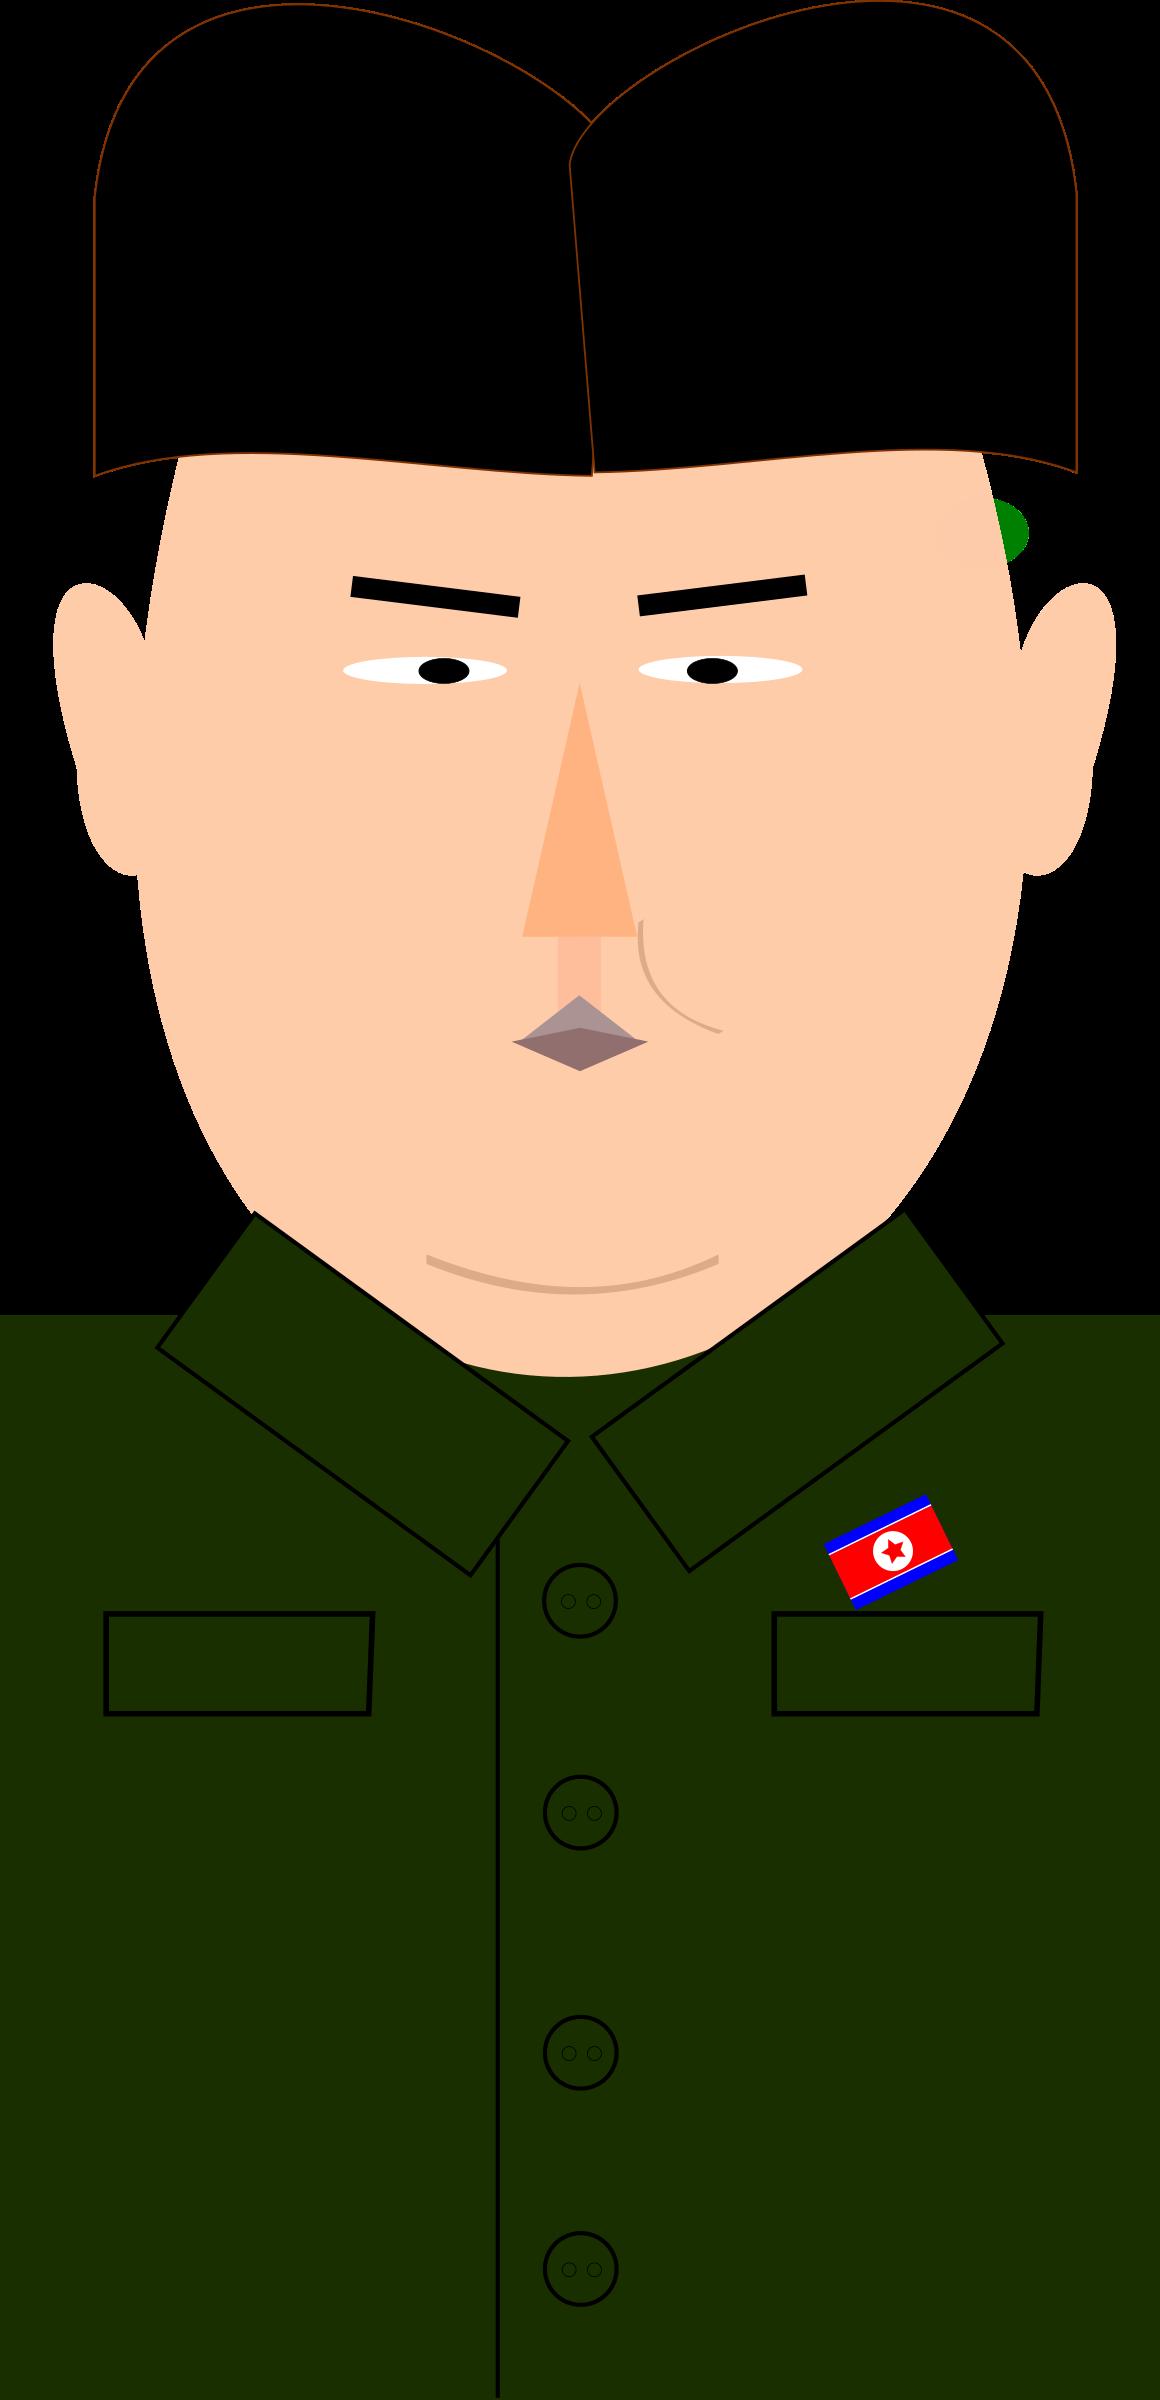 Kim jong un image. Fat clipart big person